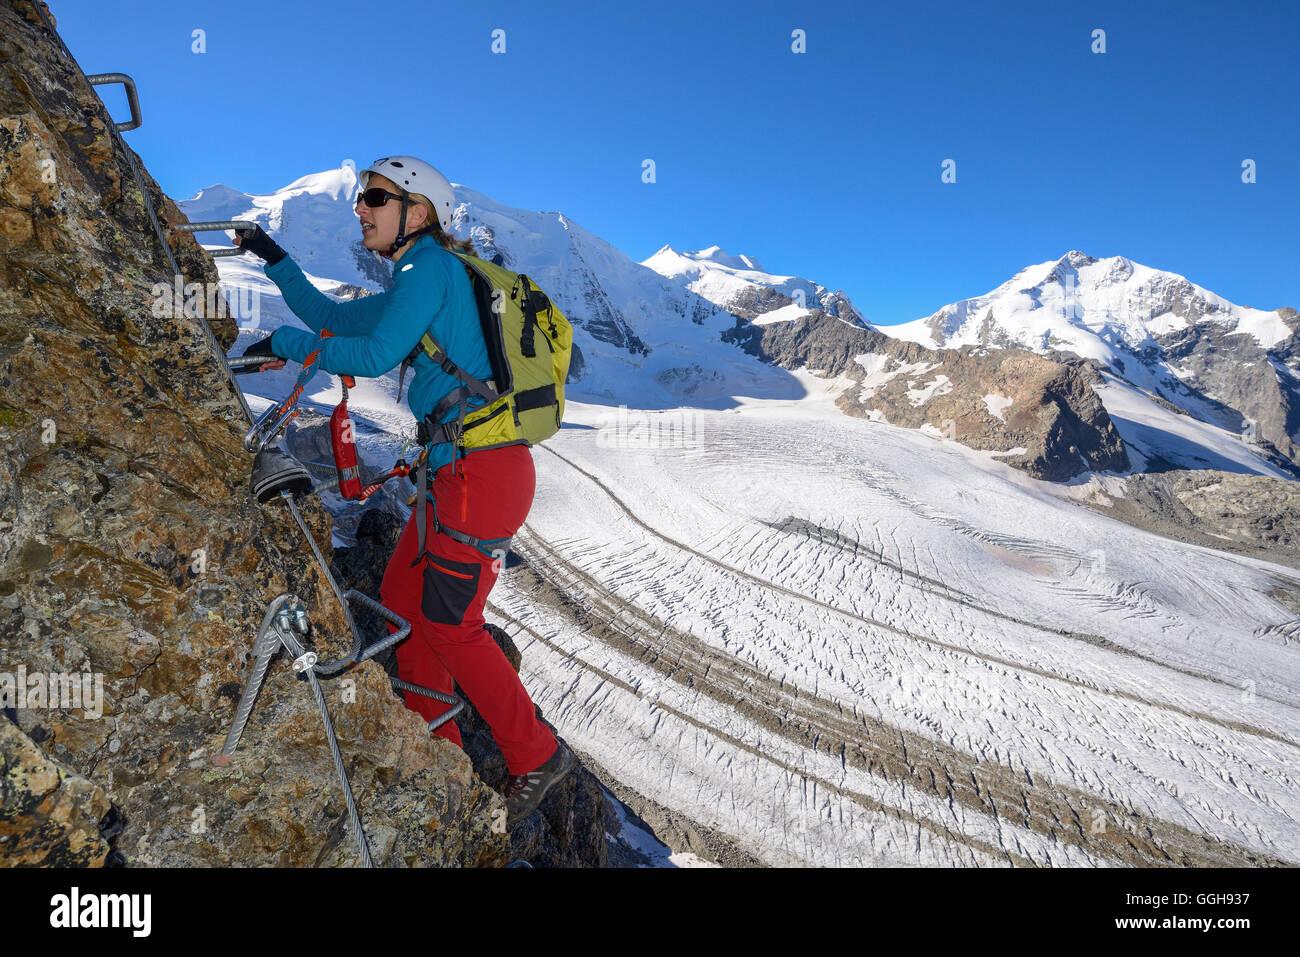 Klettersteig Piz Trovat : Frau klettern die klettersteige am piz trovat mit blick auf